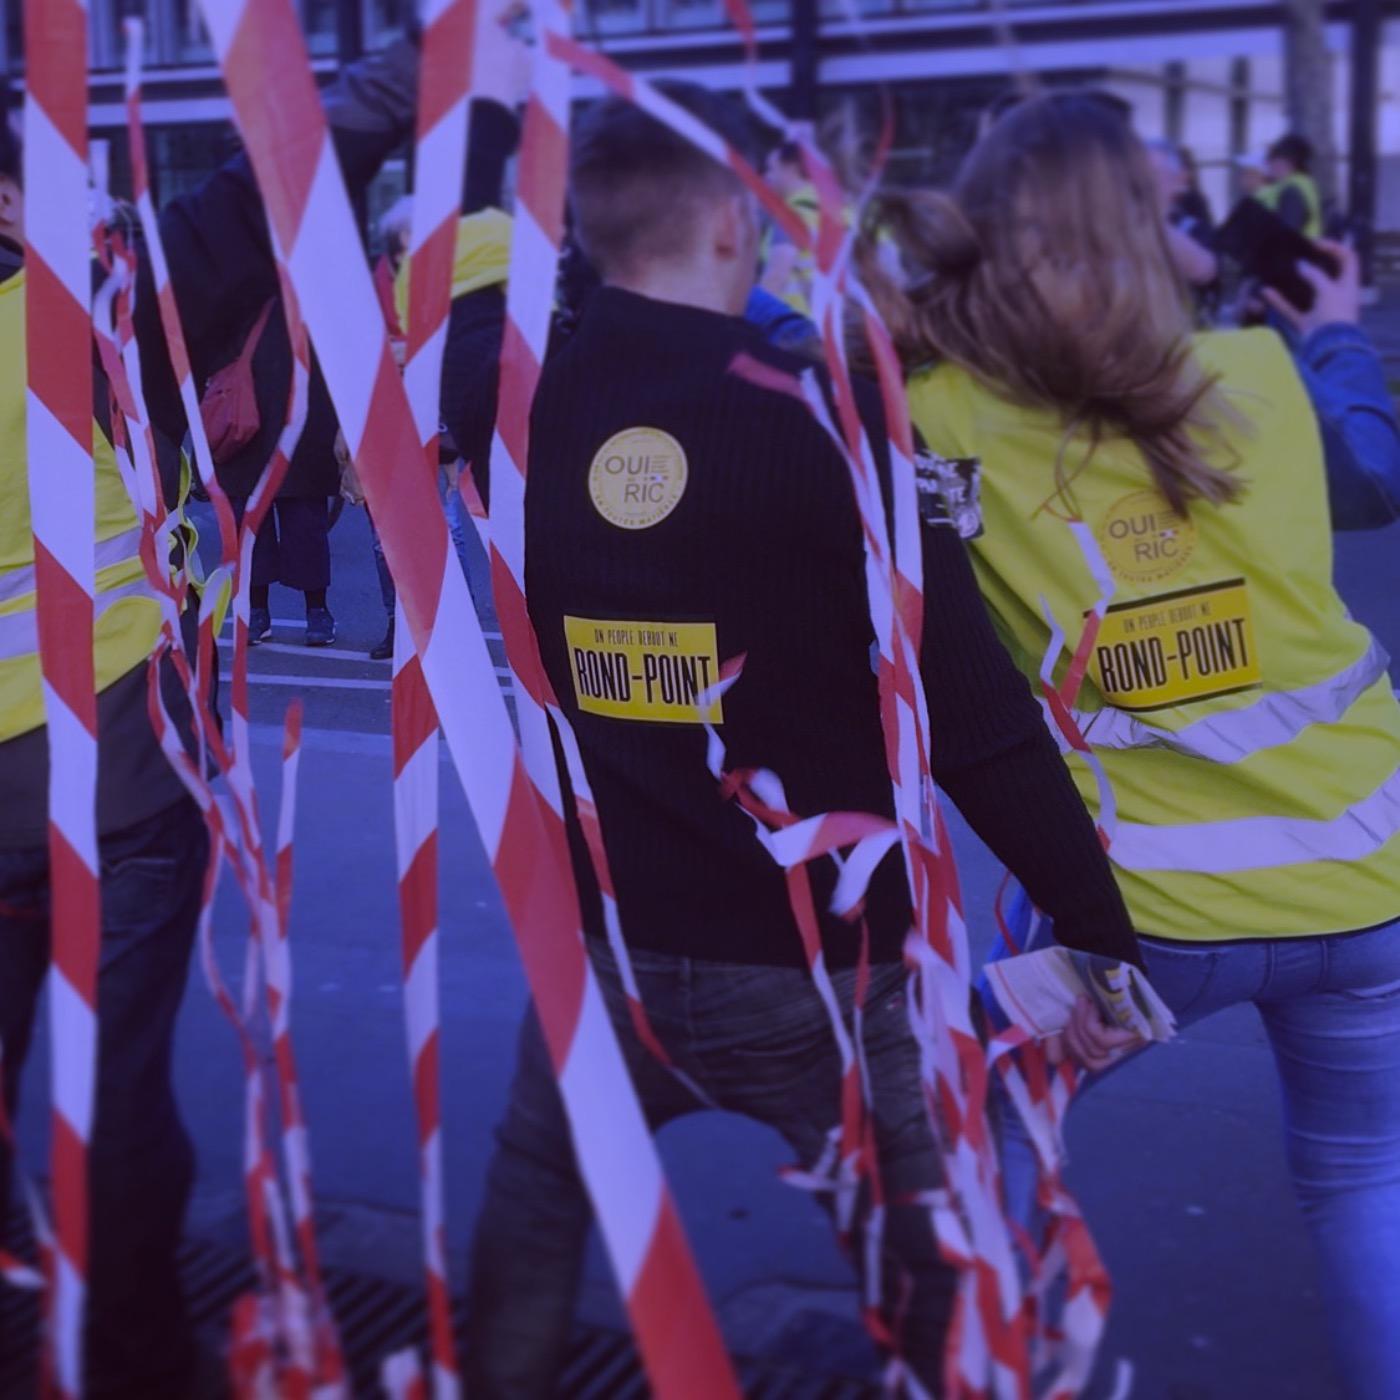 Quand les Gilets jaunes rencontrent l'Economie Sociale et Solidaire